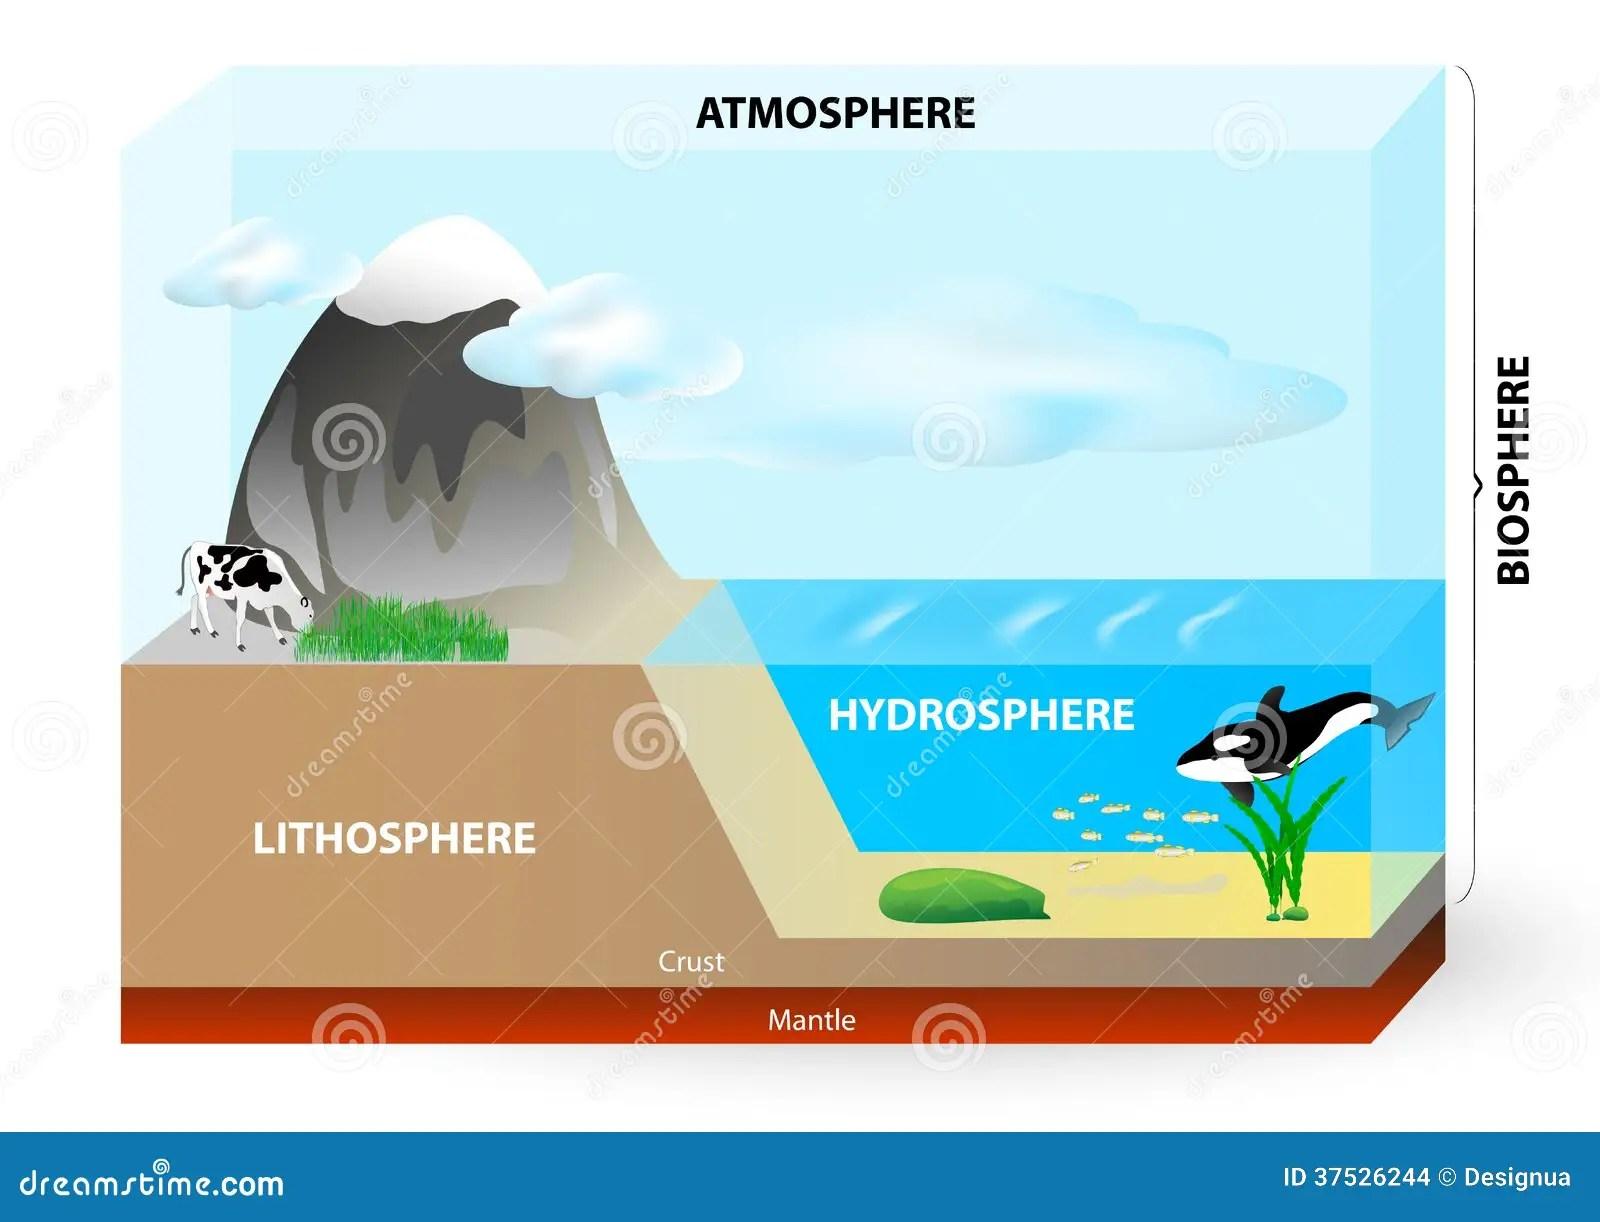 hydrosphere lithosphere atmosphere diagram 2000 vw beetle wiring biosphere stock